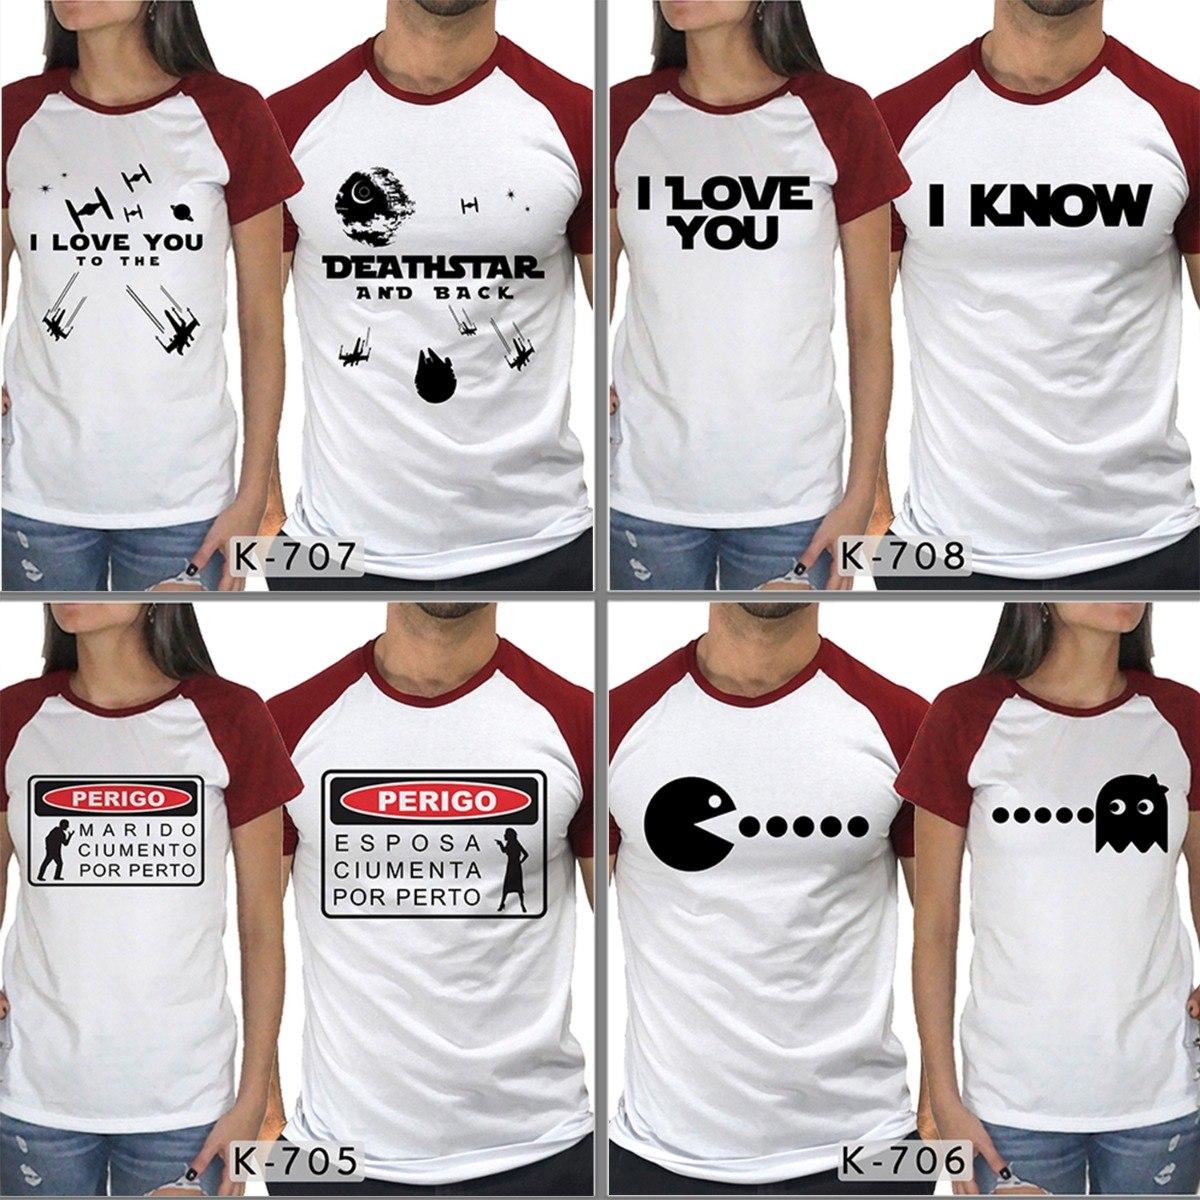 camisetas namorados kit c  2 star wars casal personalizadas. Carregando zoom . a66b6393c17